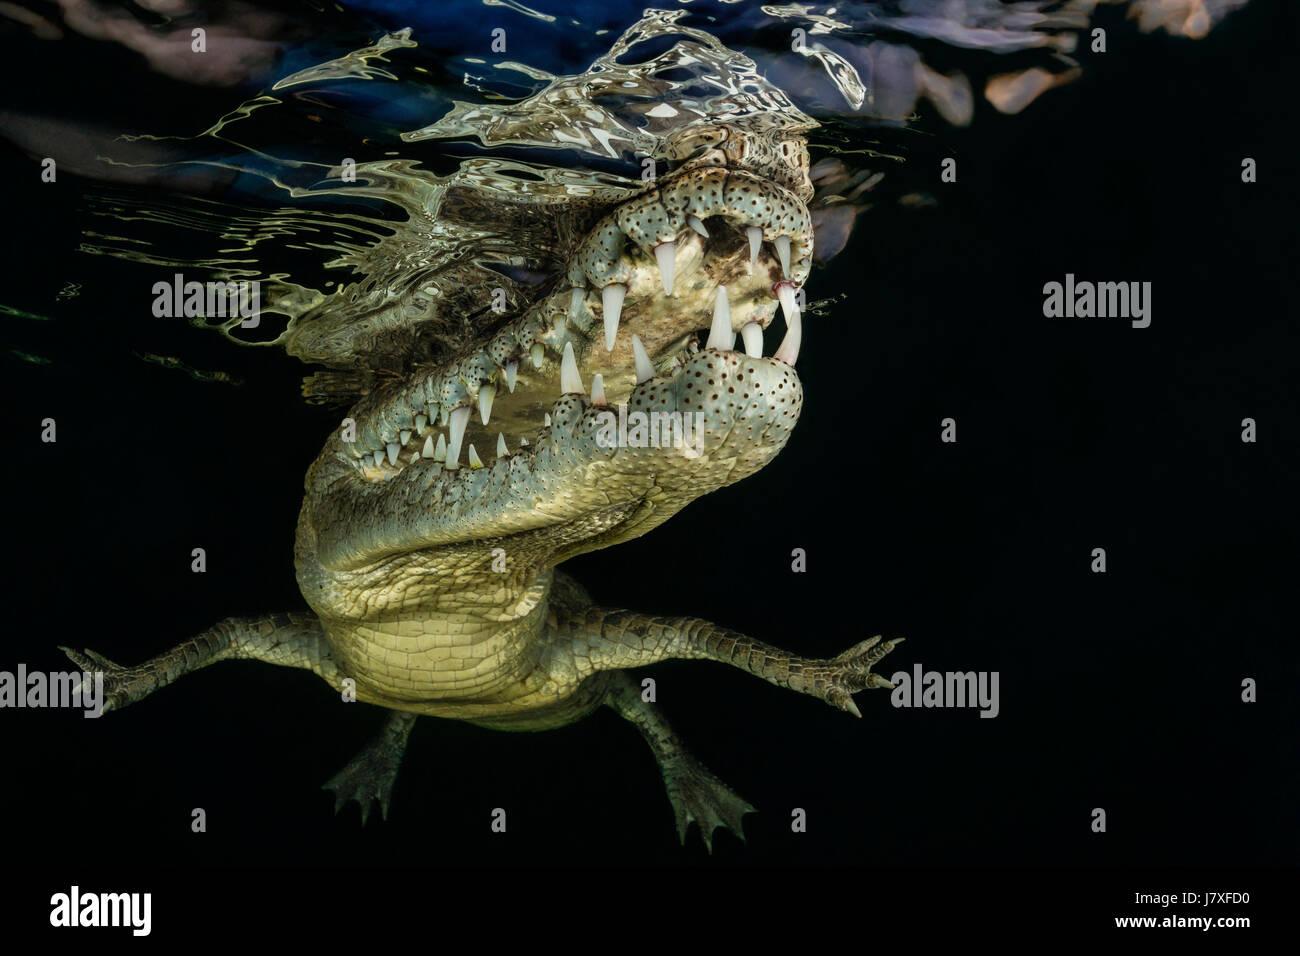 American Crocodile, Crocodylus acutus, Jardines de la Reina, Cuba Stock Photo